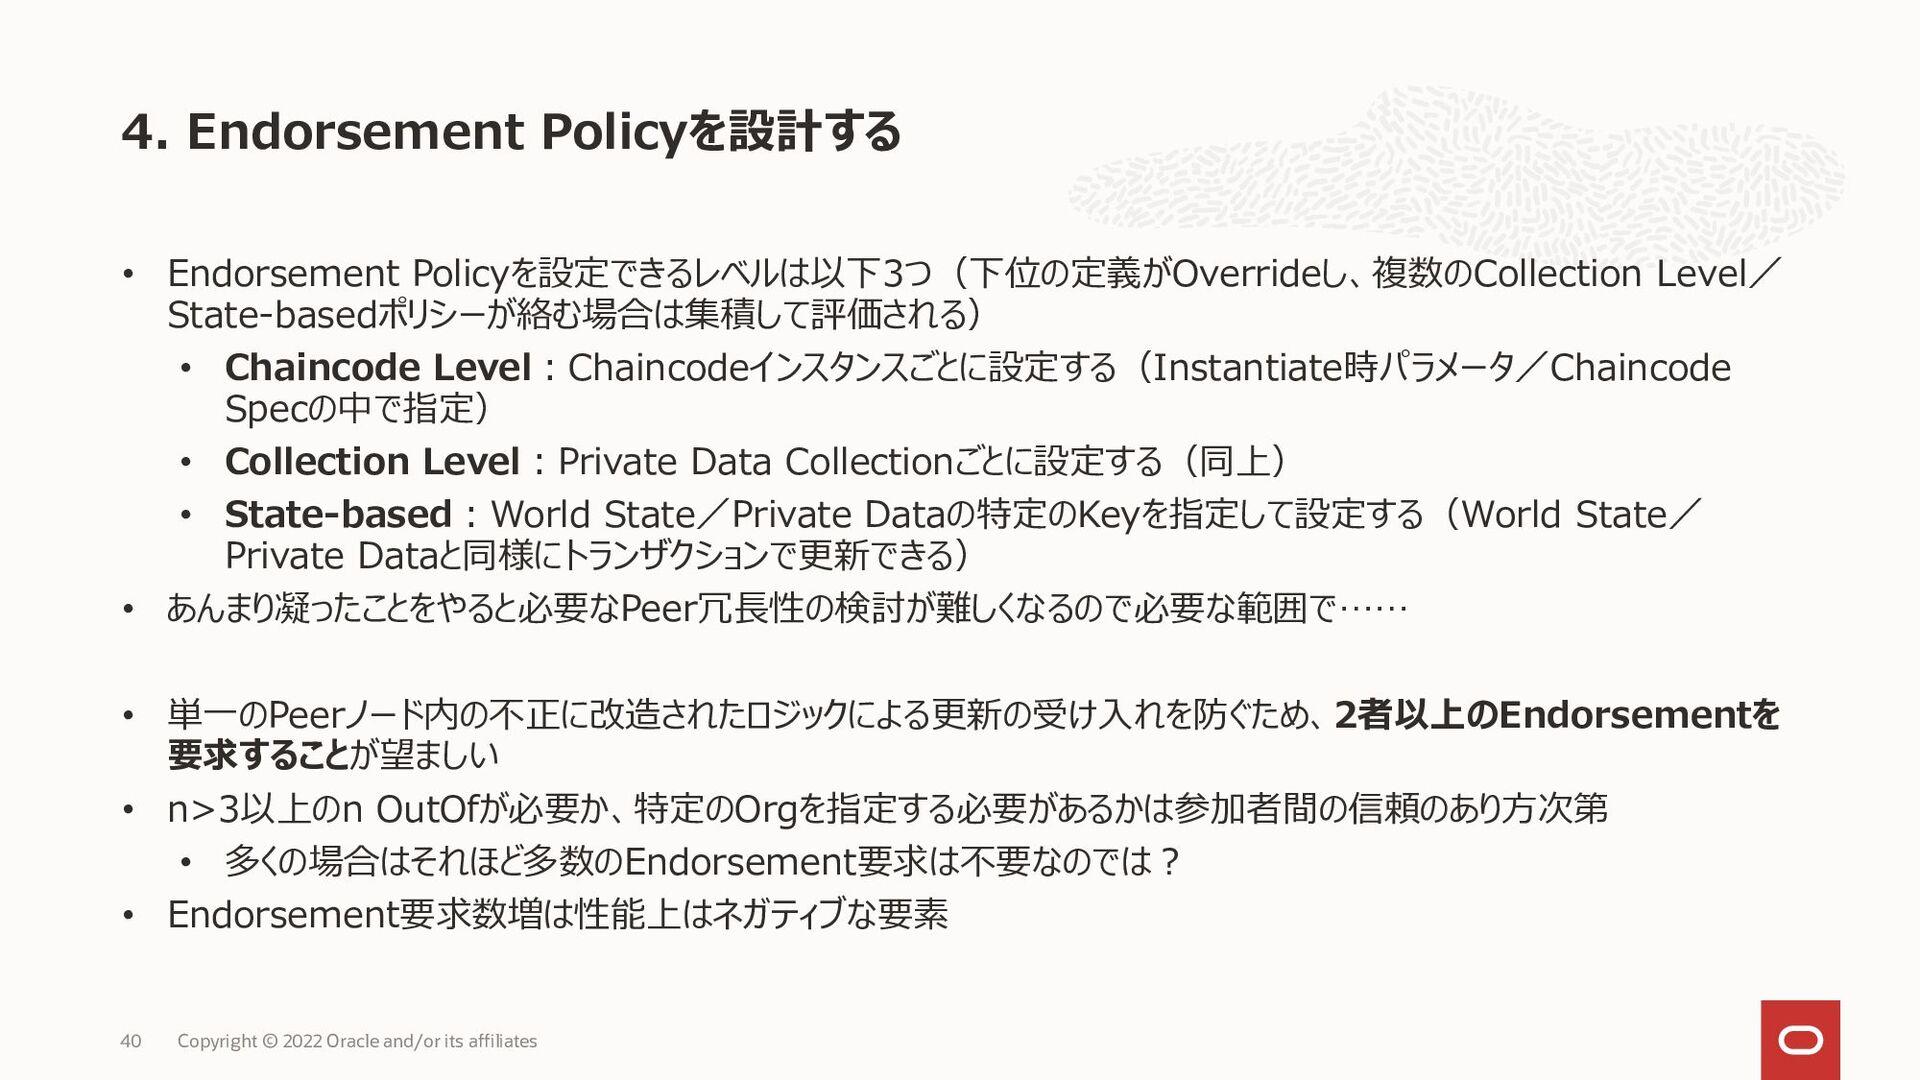 • Endorsement Policyを設定できるレベルは以下3つ(下位の定義がOverri...